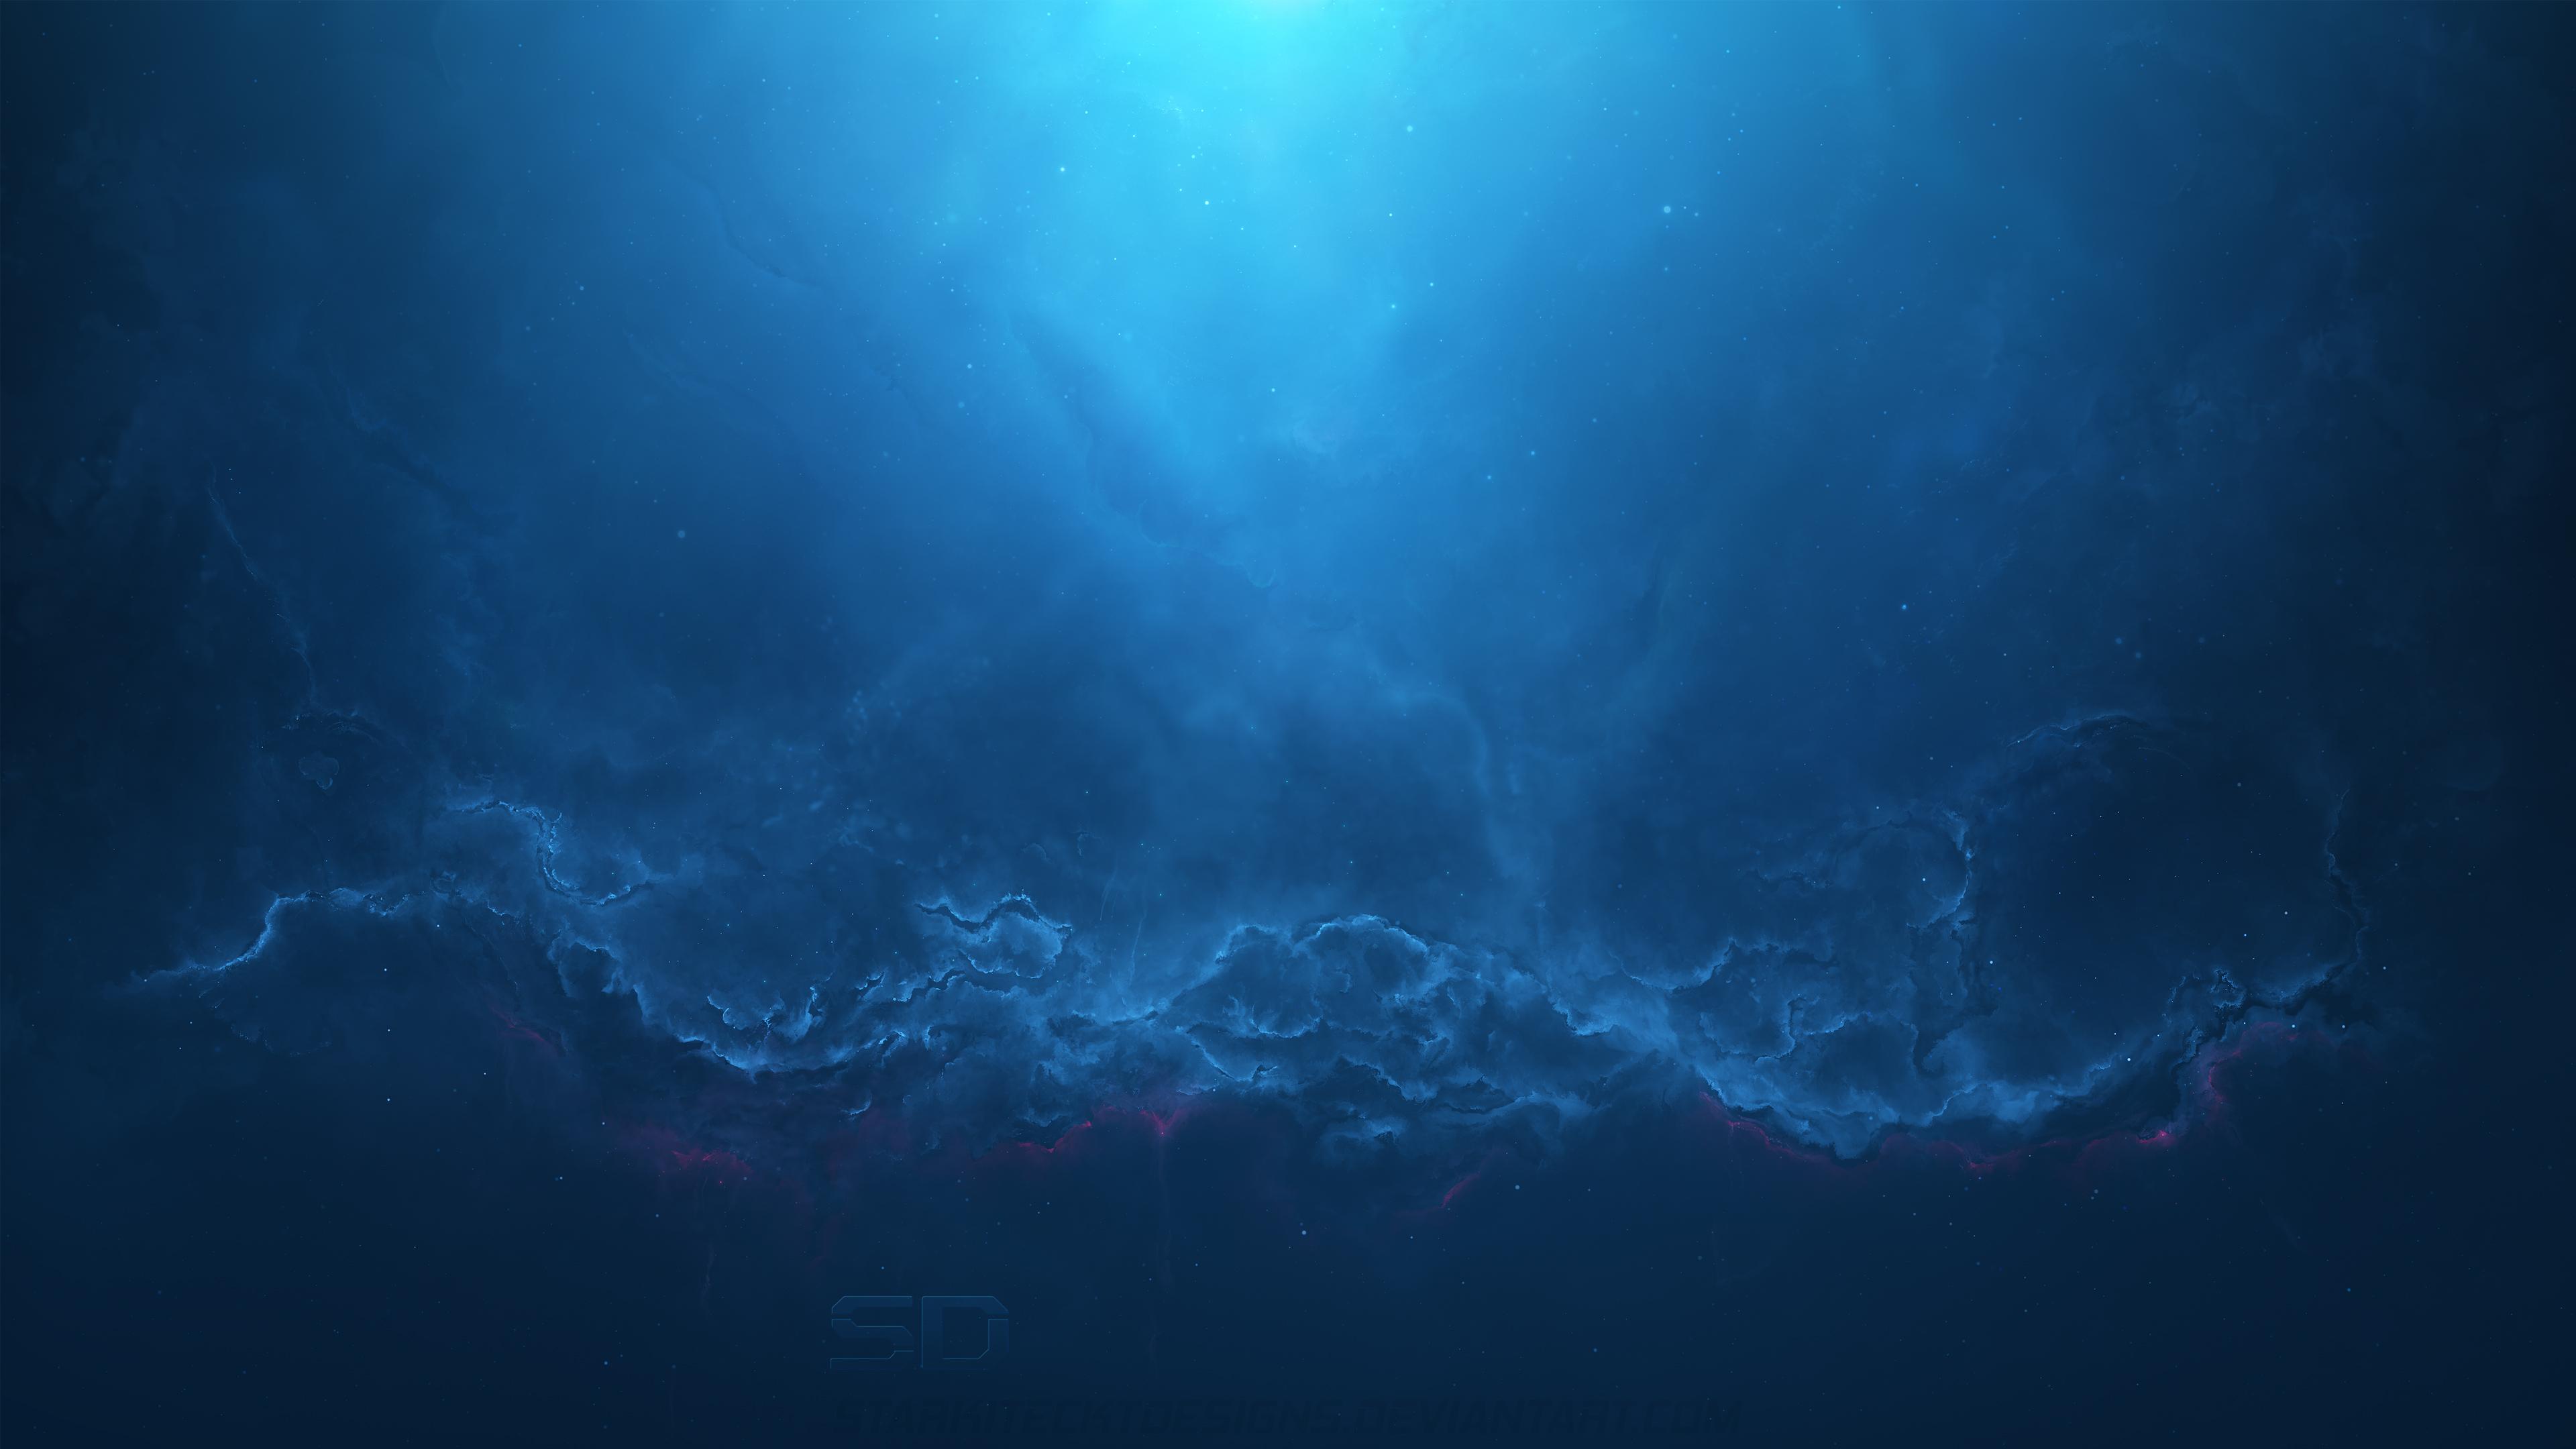 nebula atlantis 1574943013 - Nebula Atlantis -